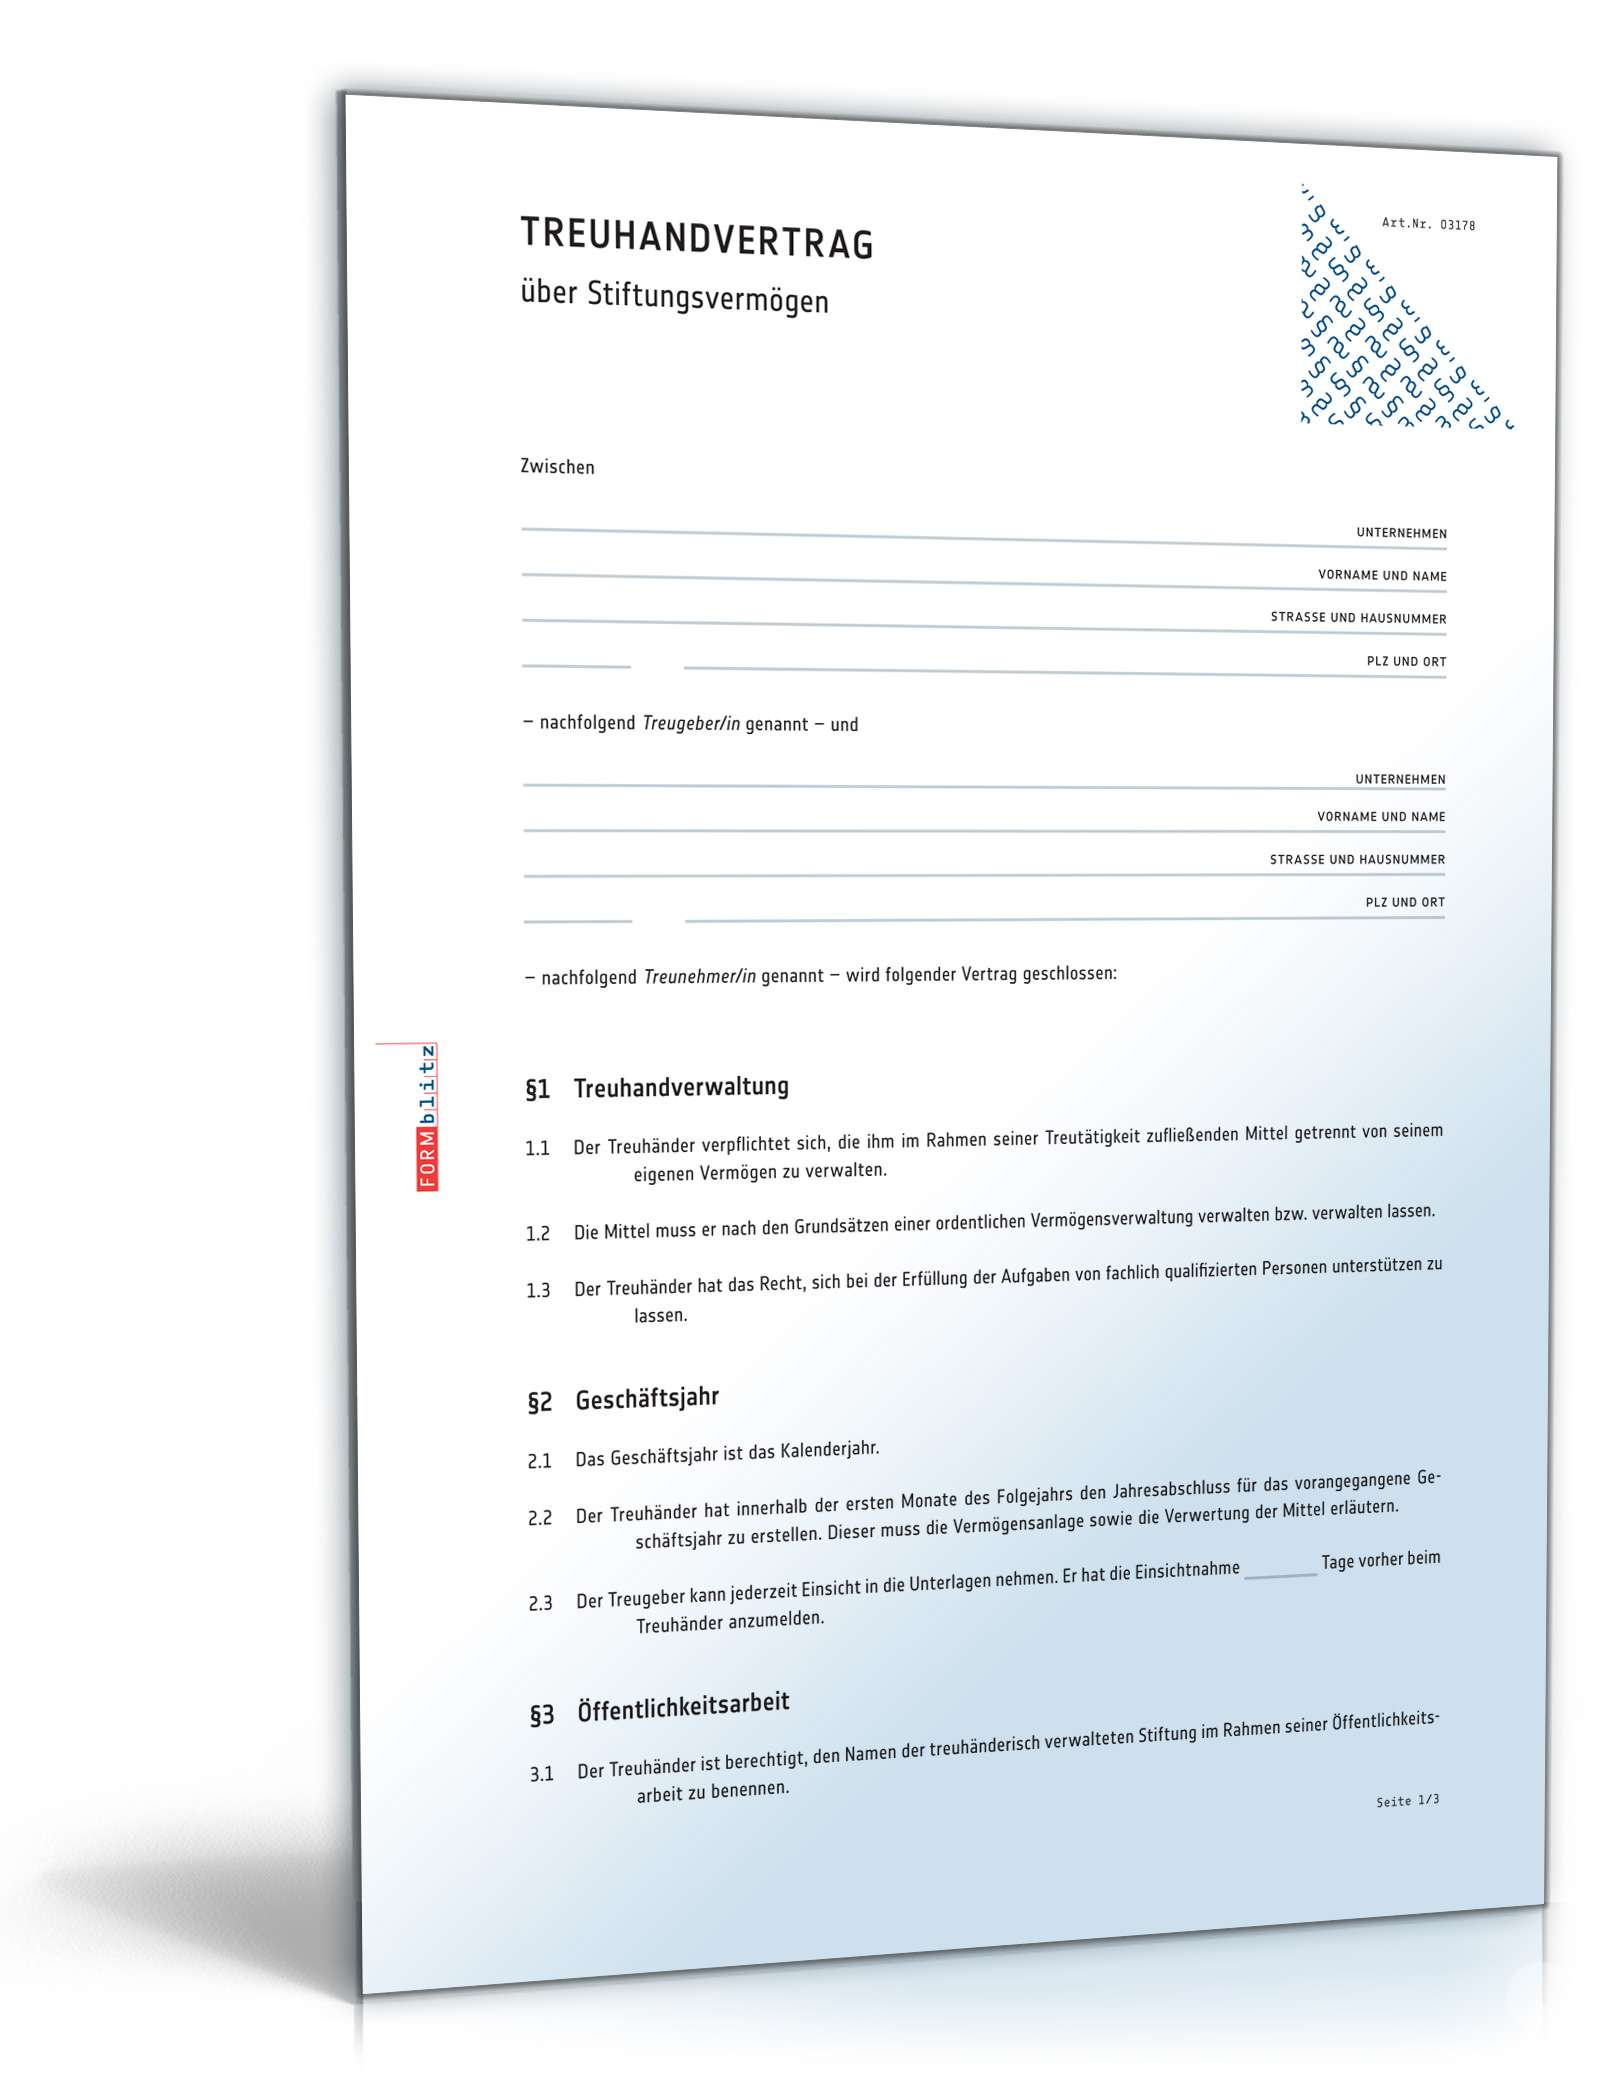 treuhandvertrag stiftungsvermgen - Treuhandvertrag Muster